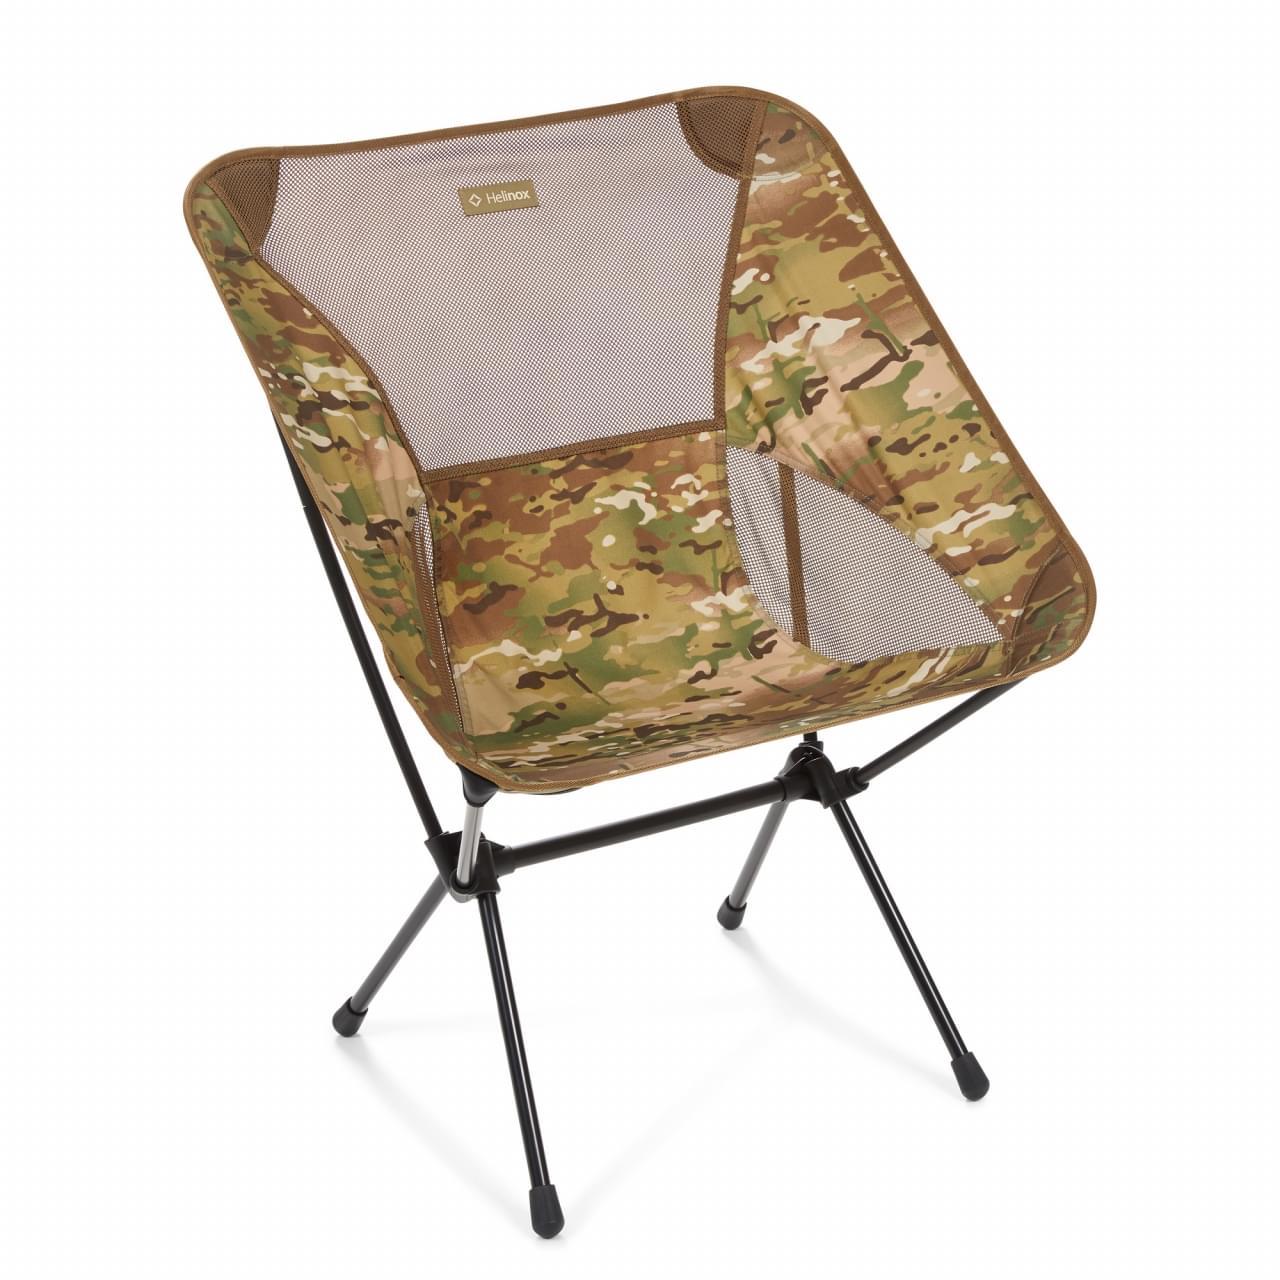 Helinox Chair One XL Special Lichtgewicht Stoel - Camouflage Groen